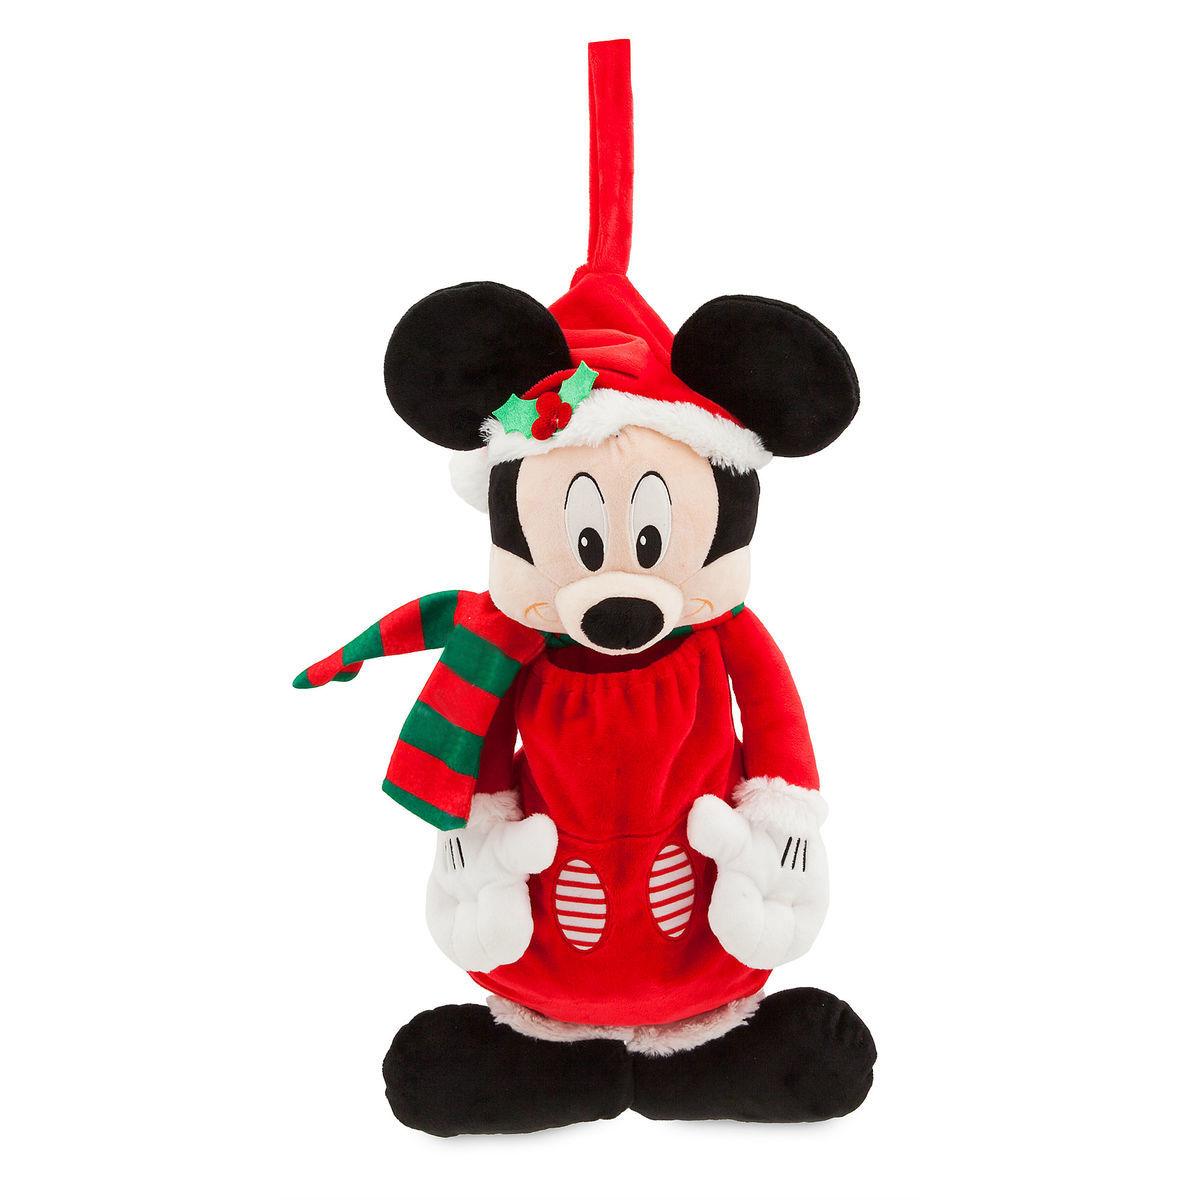 disney christmas stocking holiday cheer santa mickey mouse - Mickey Mouse Christmas Stocking